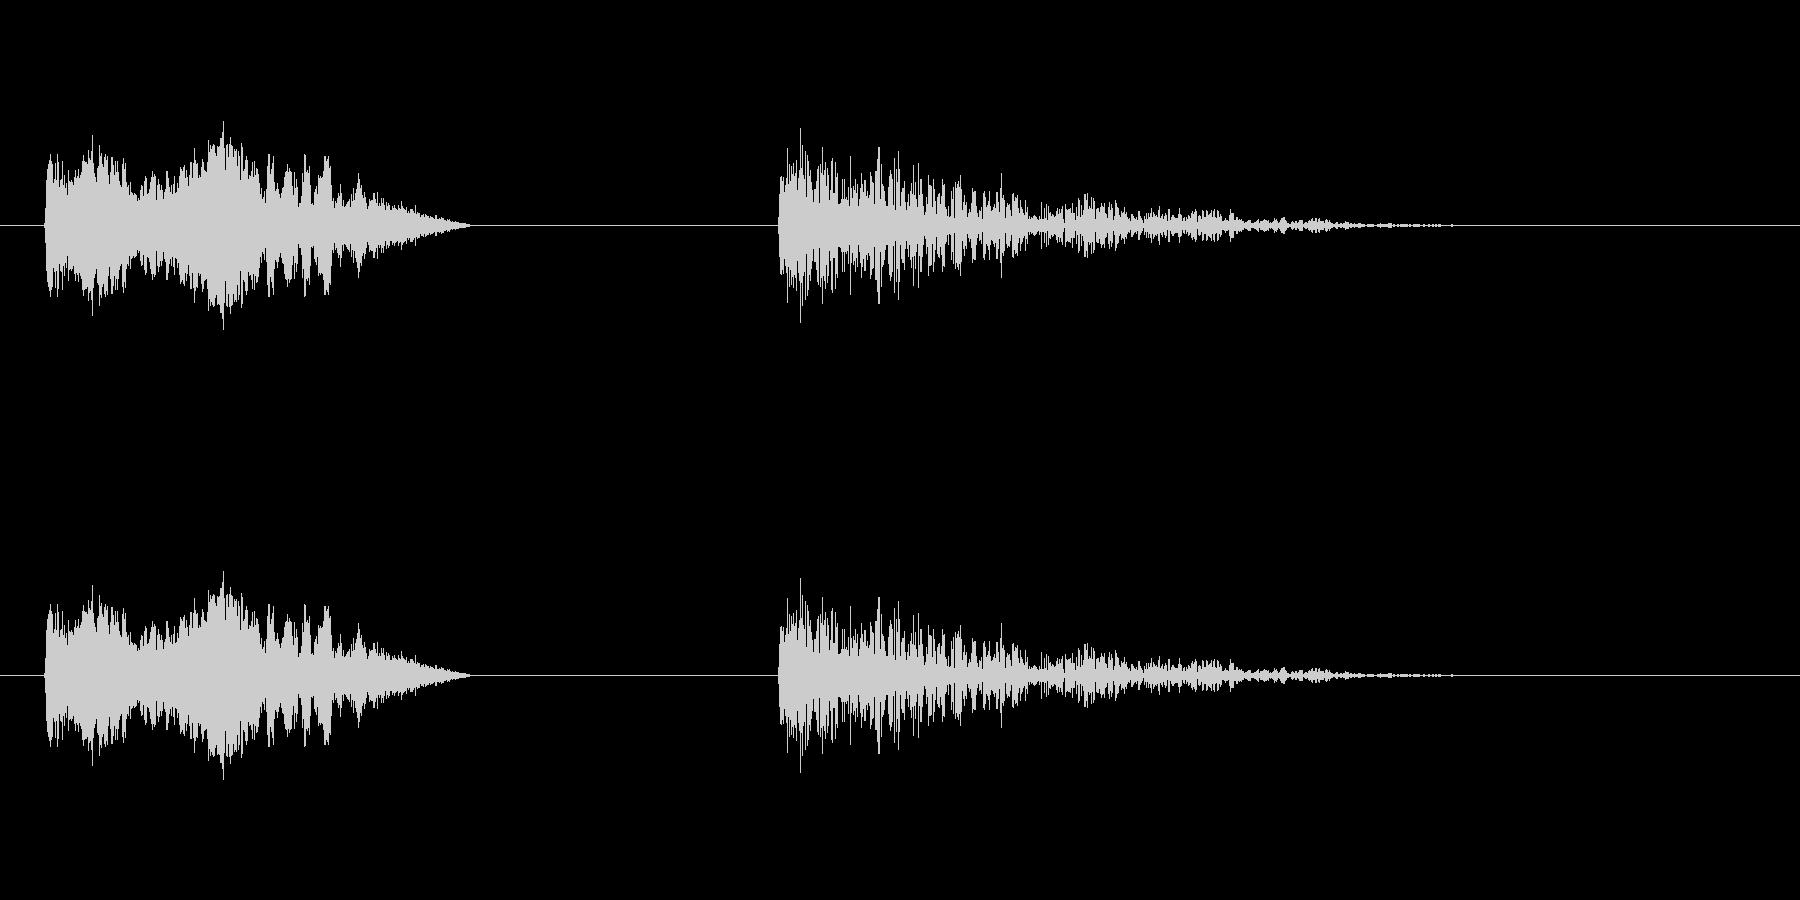 爆発5の未再生の波形